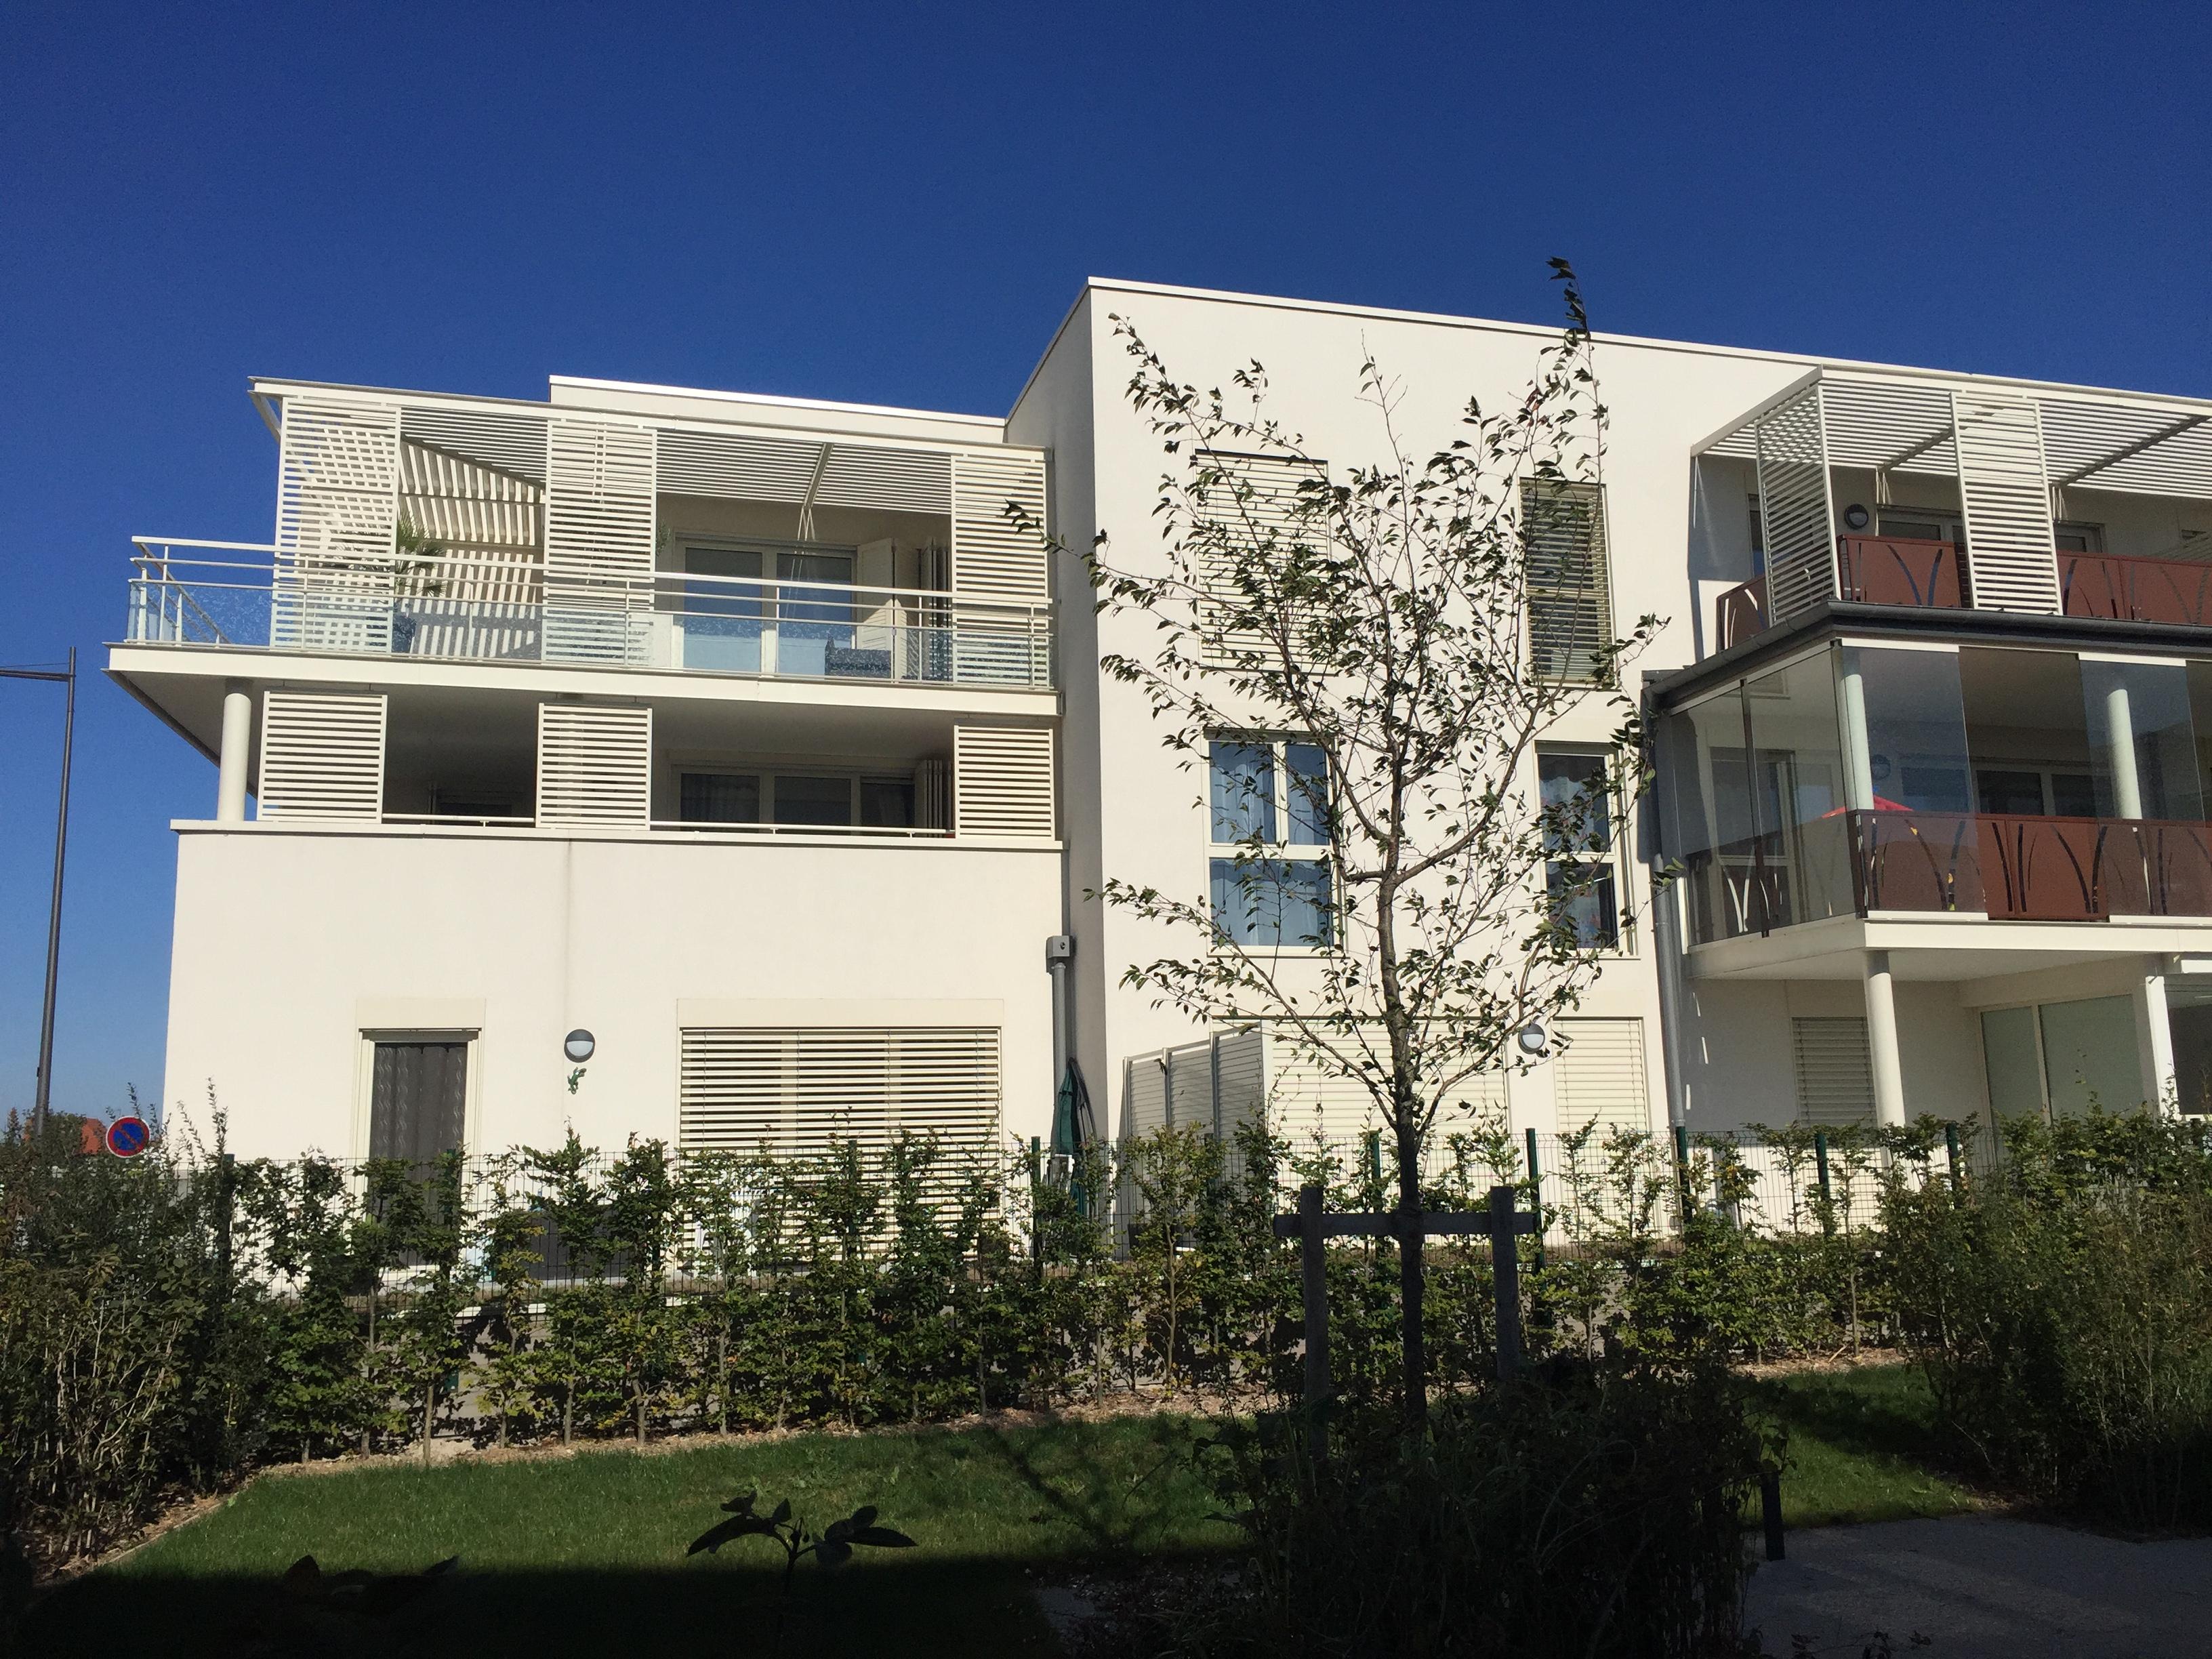 menuiserie-lambert-projet-eco-quartier-rema'vert4